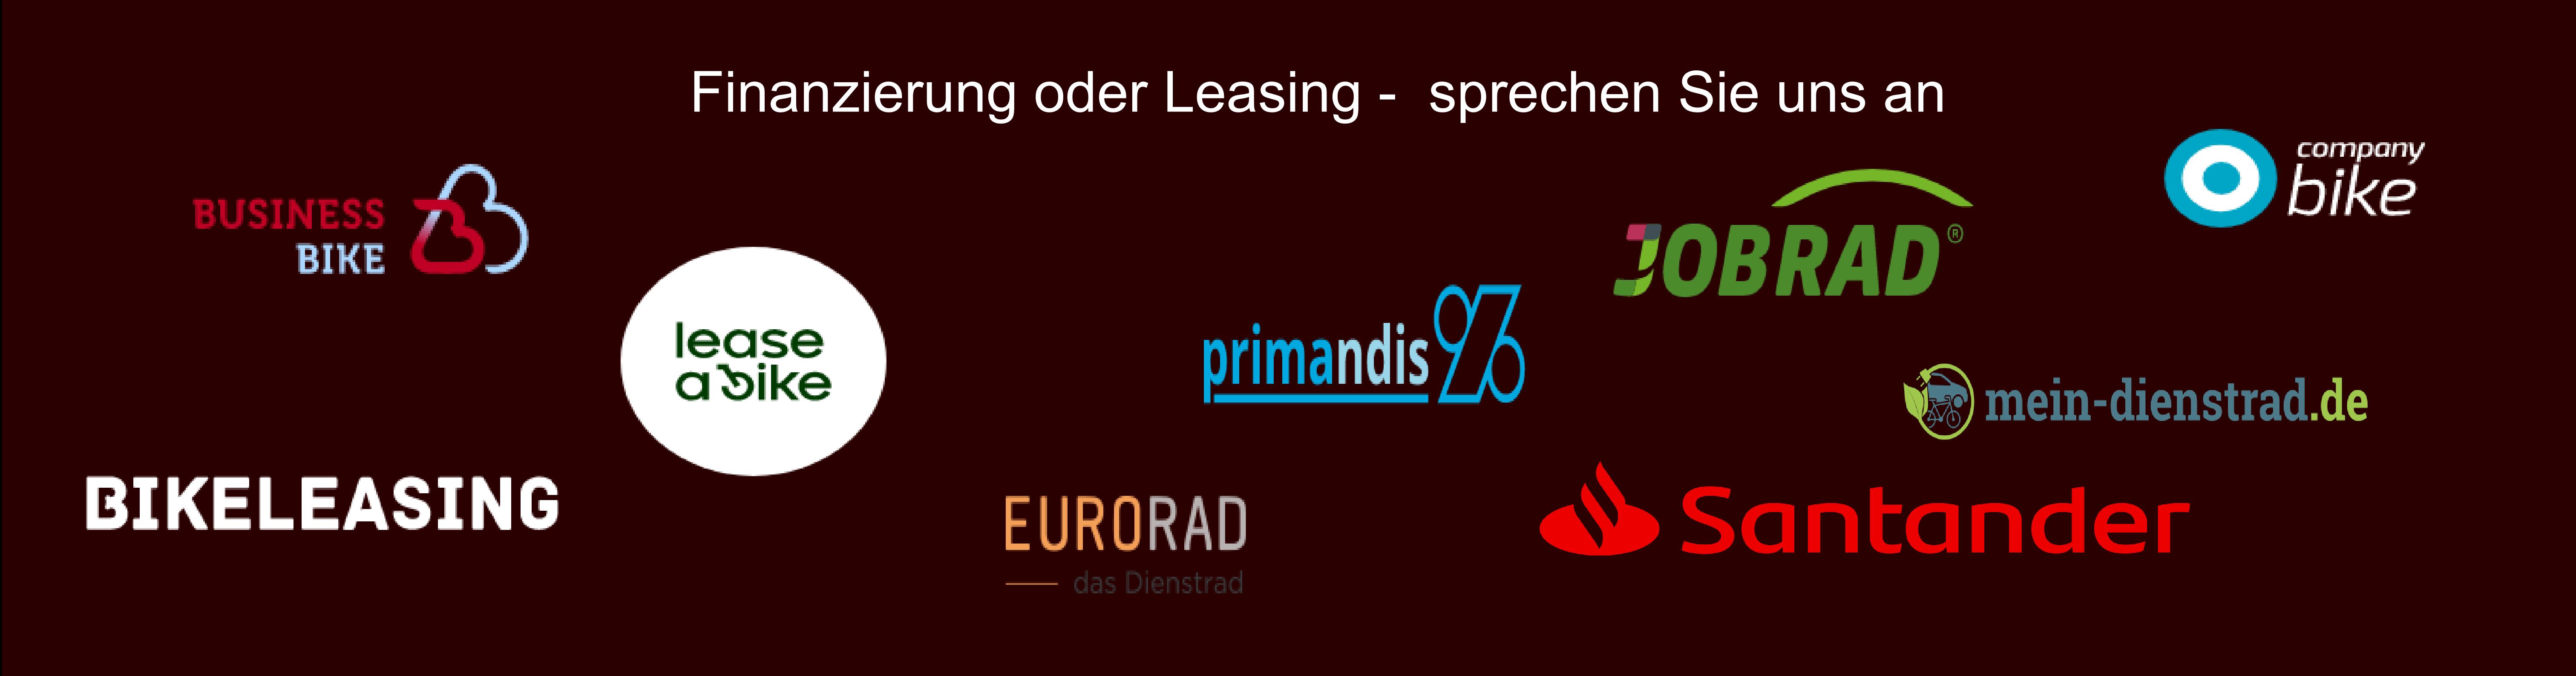 Leasing-2022